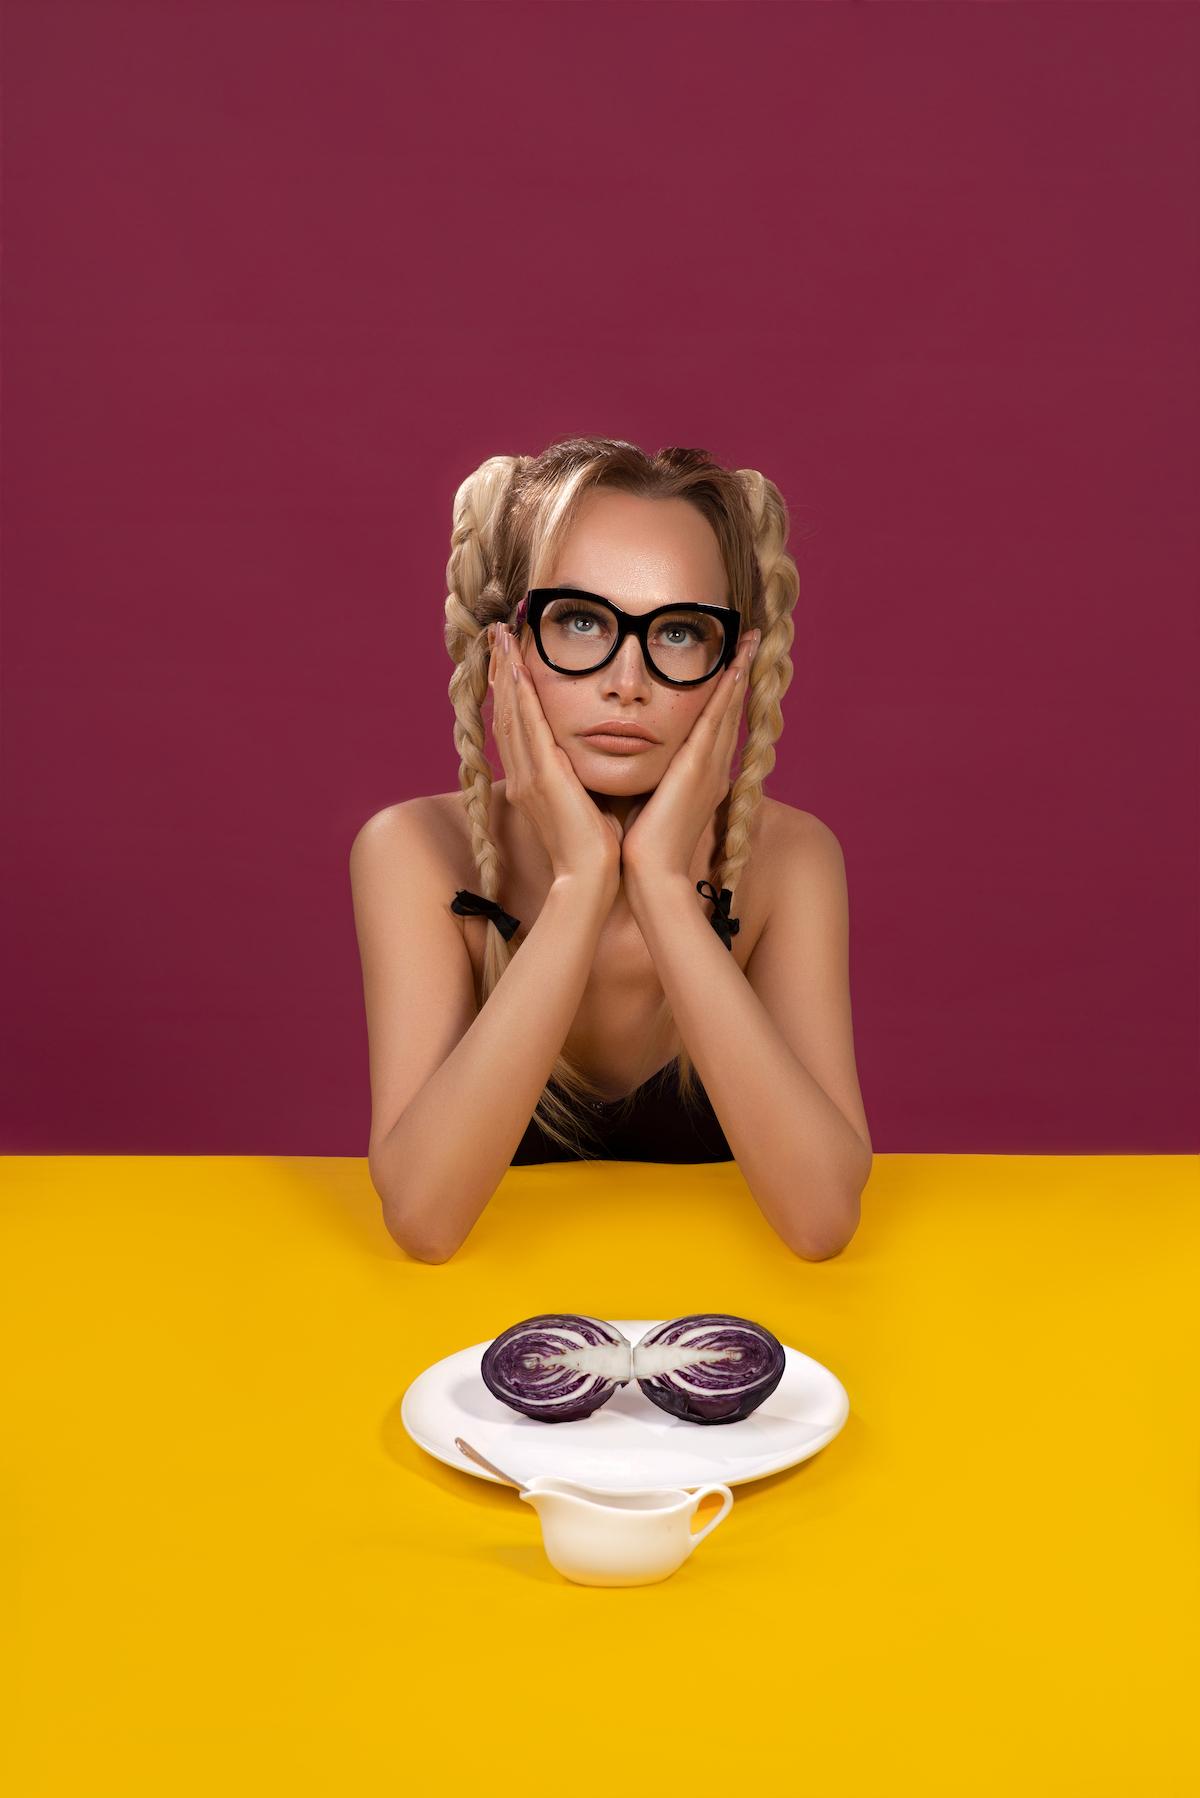 противозачаточные таблетки чтоб похудеть